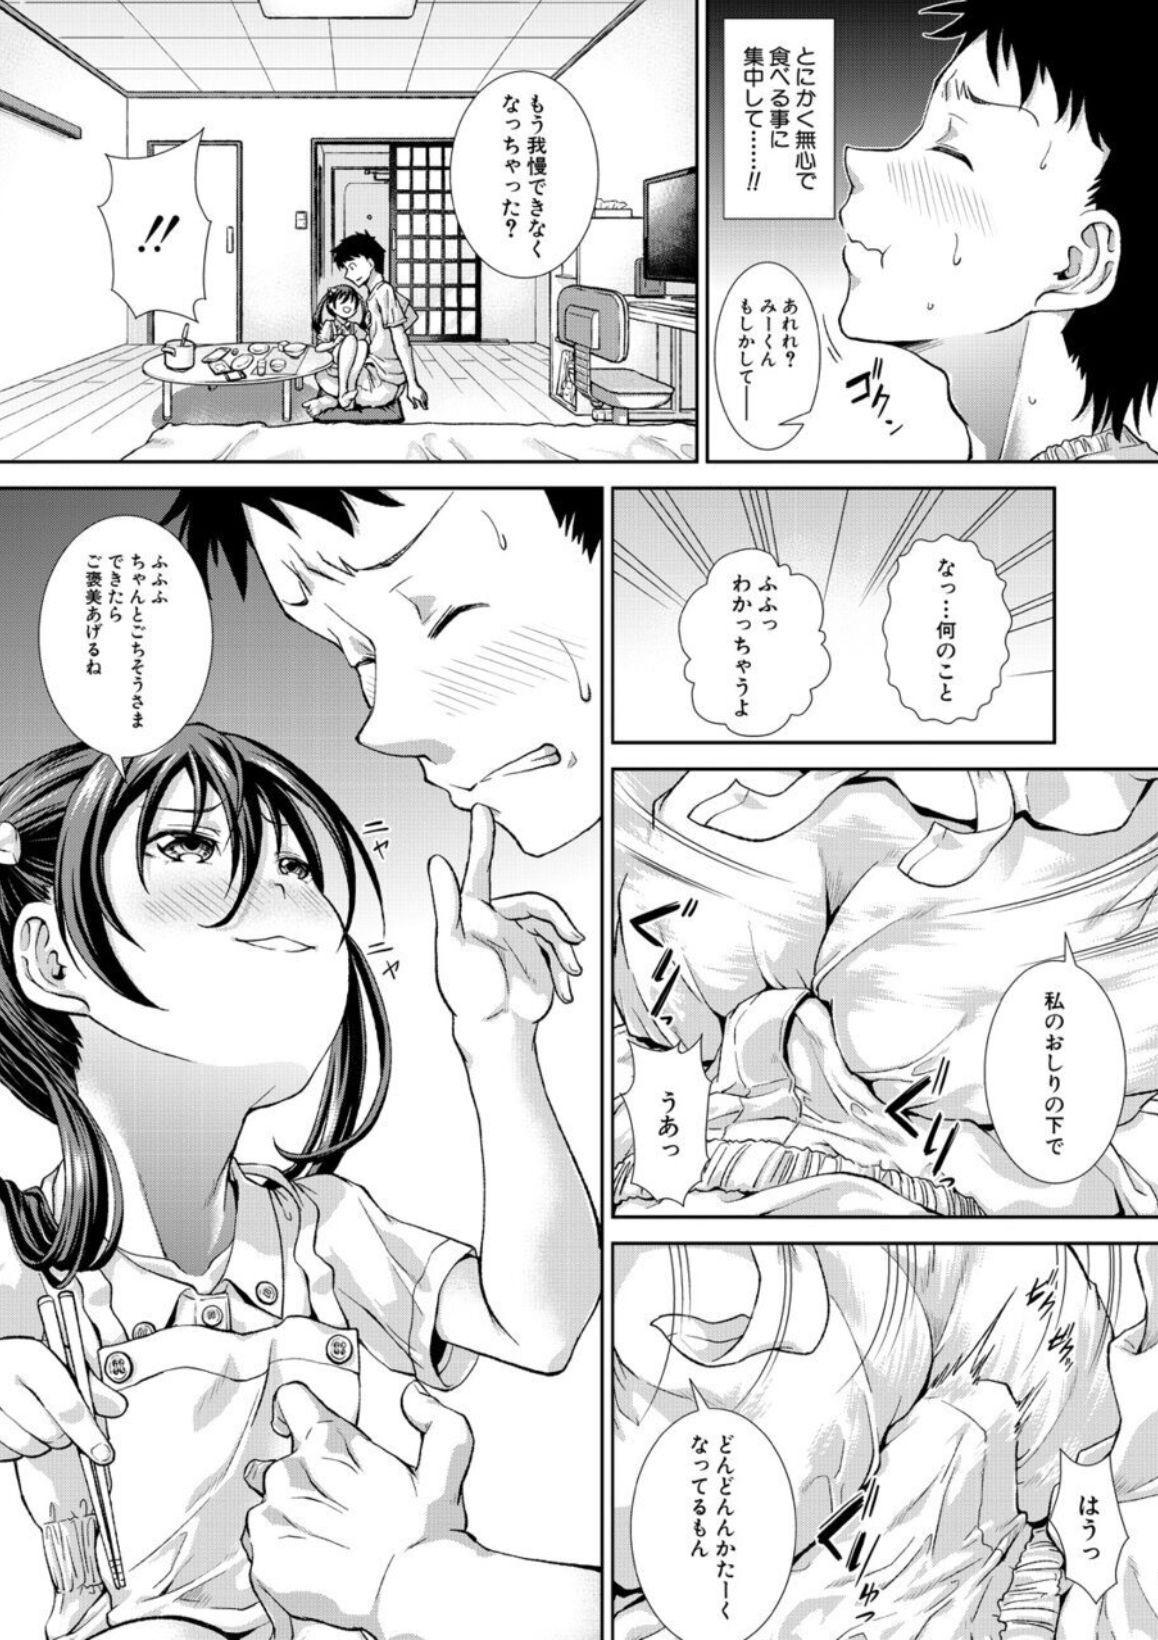 Ima, Anata no Tonari ni Iru no. | Right Now, By Your Side. Ch. 3 5